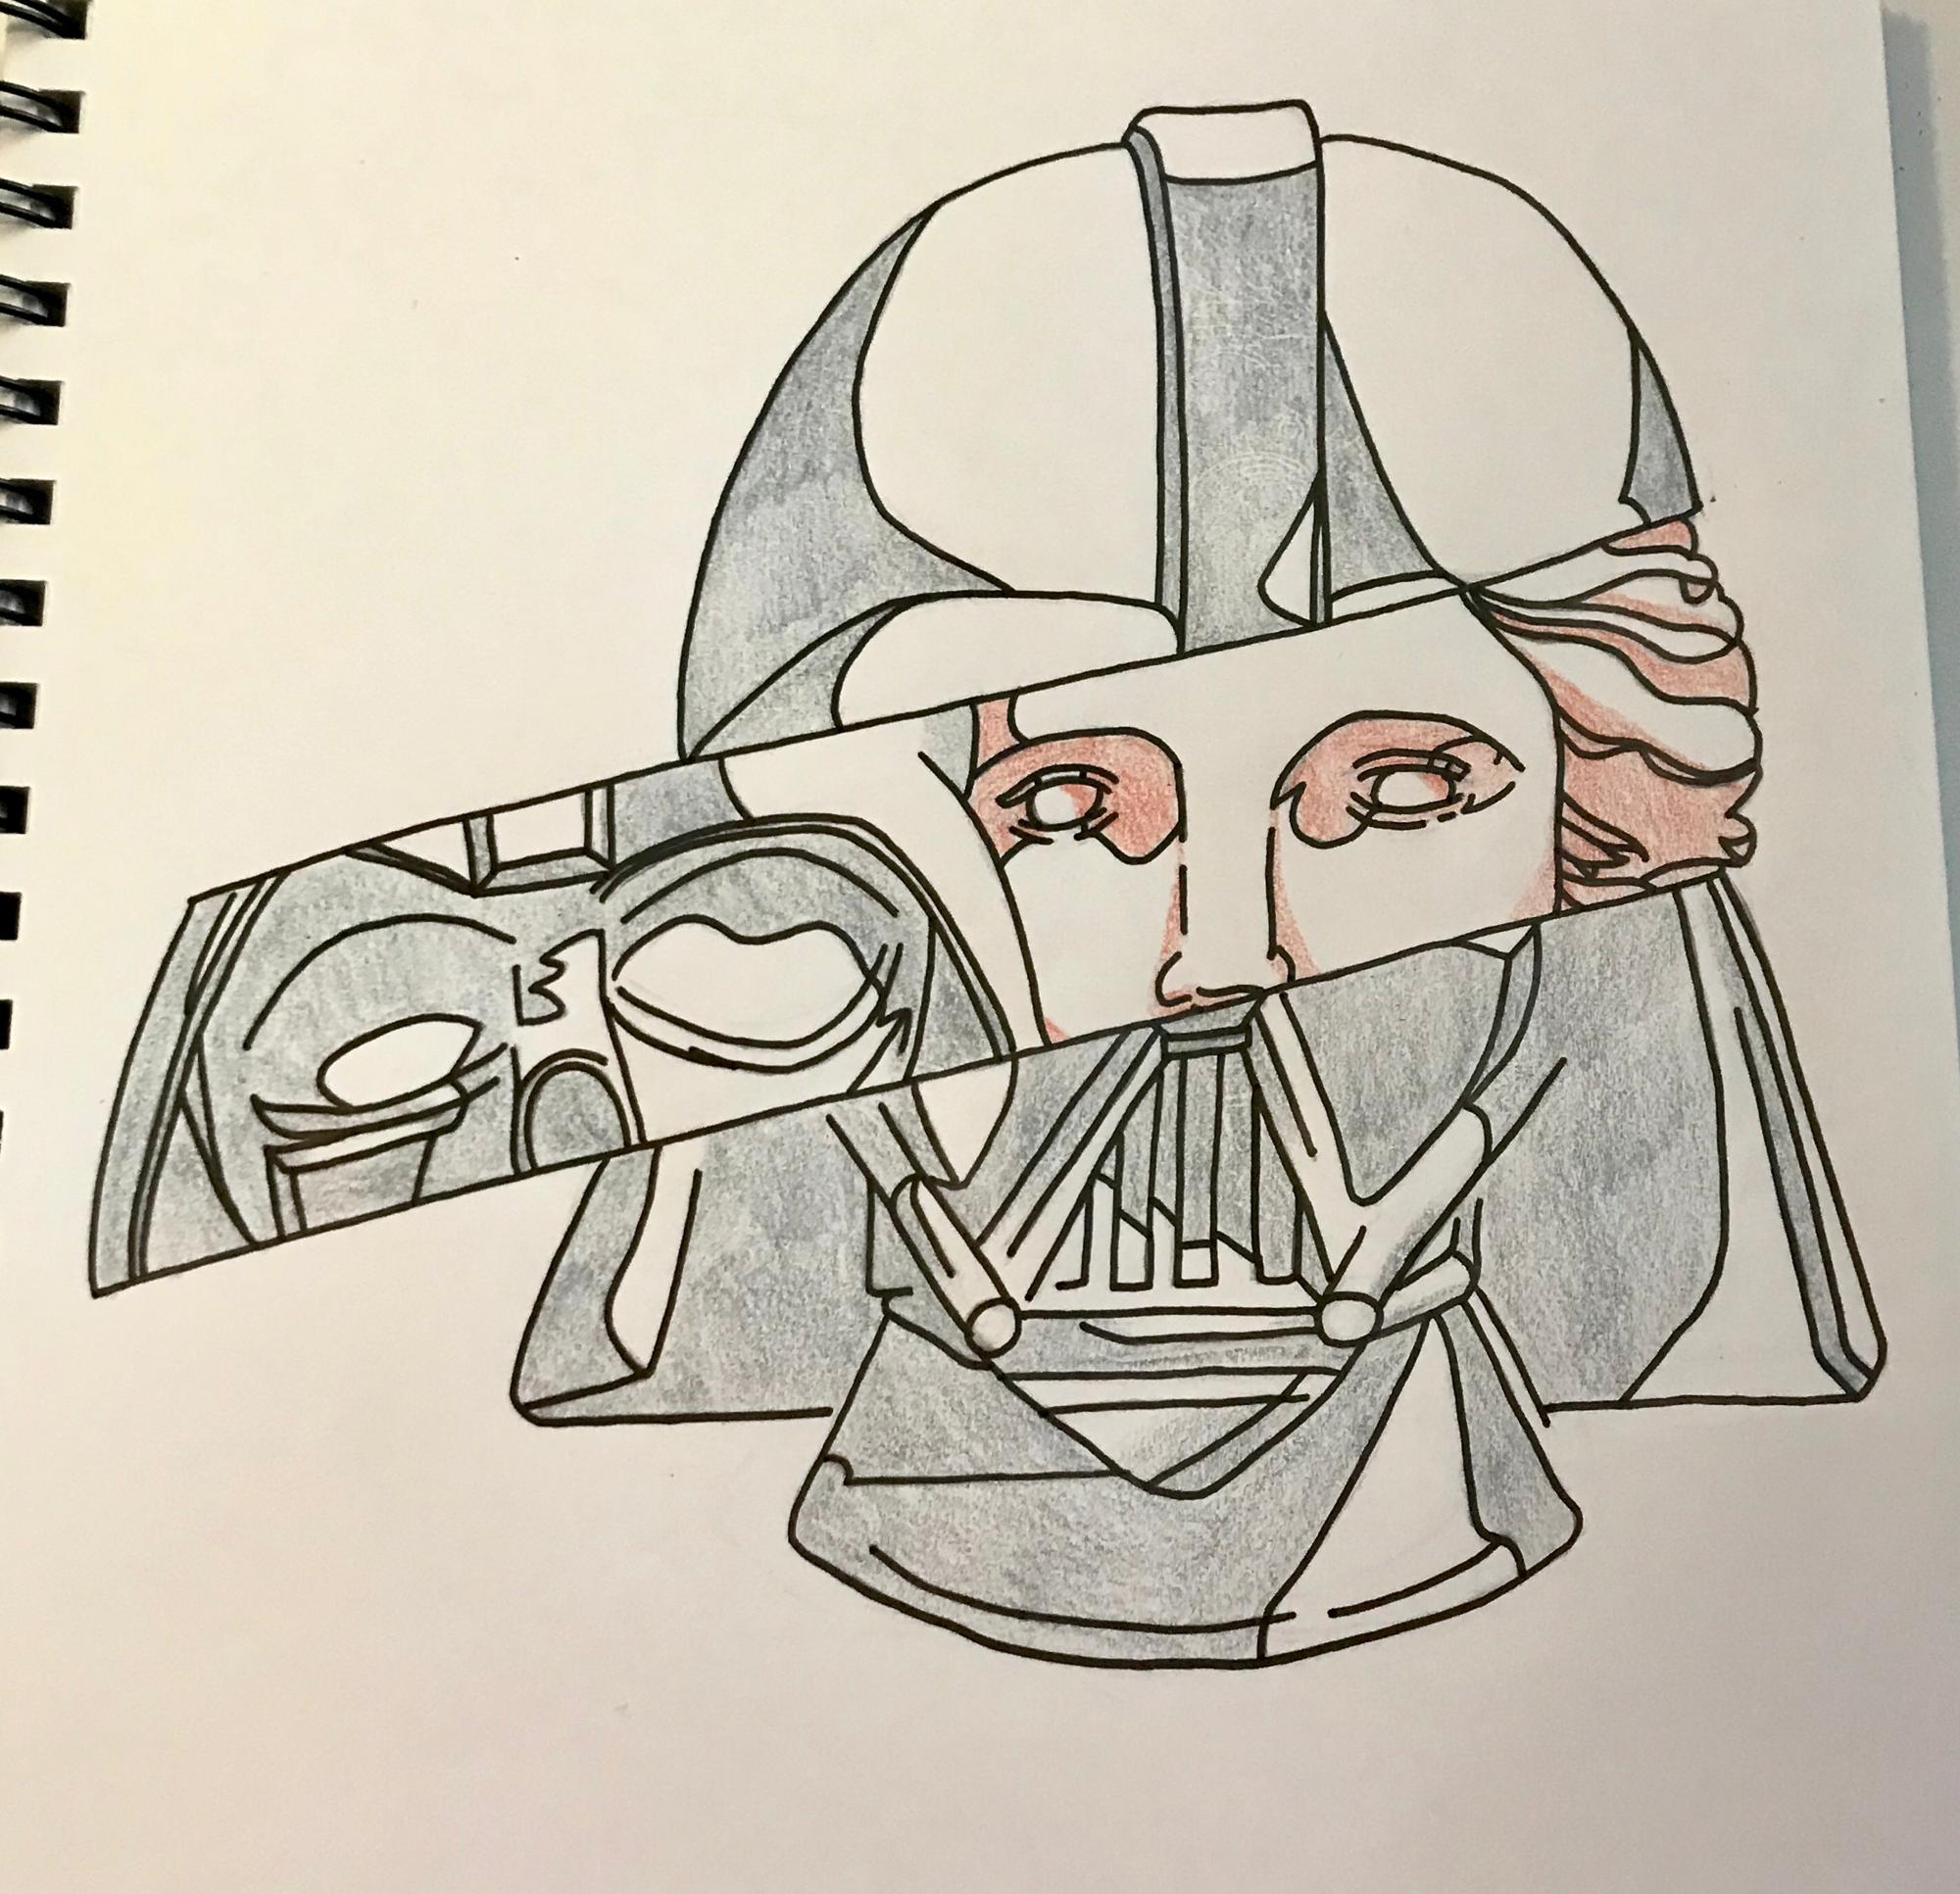 Anakin/Vader piece